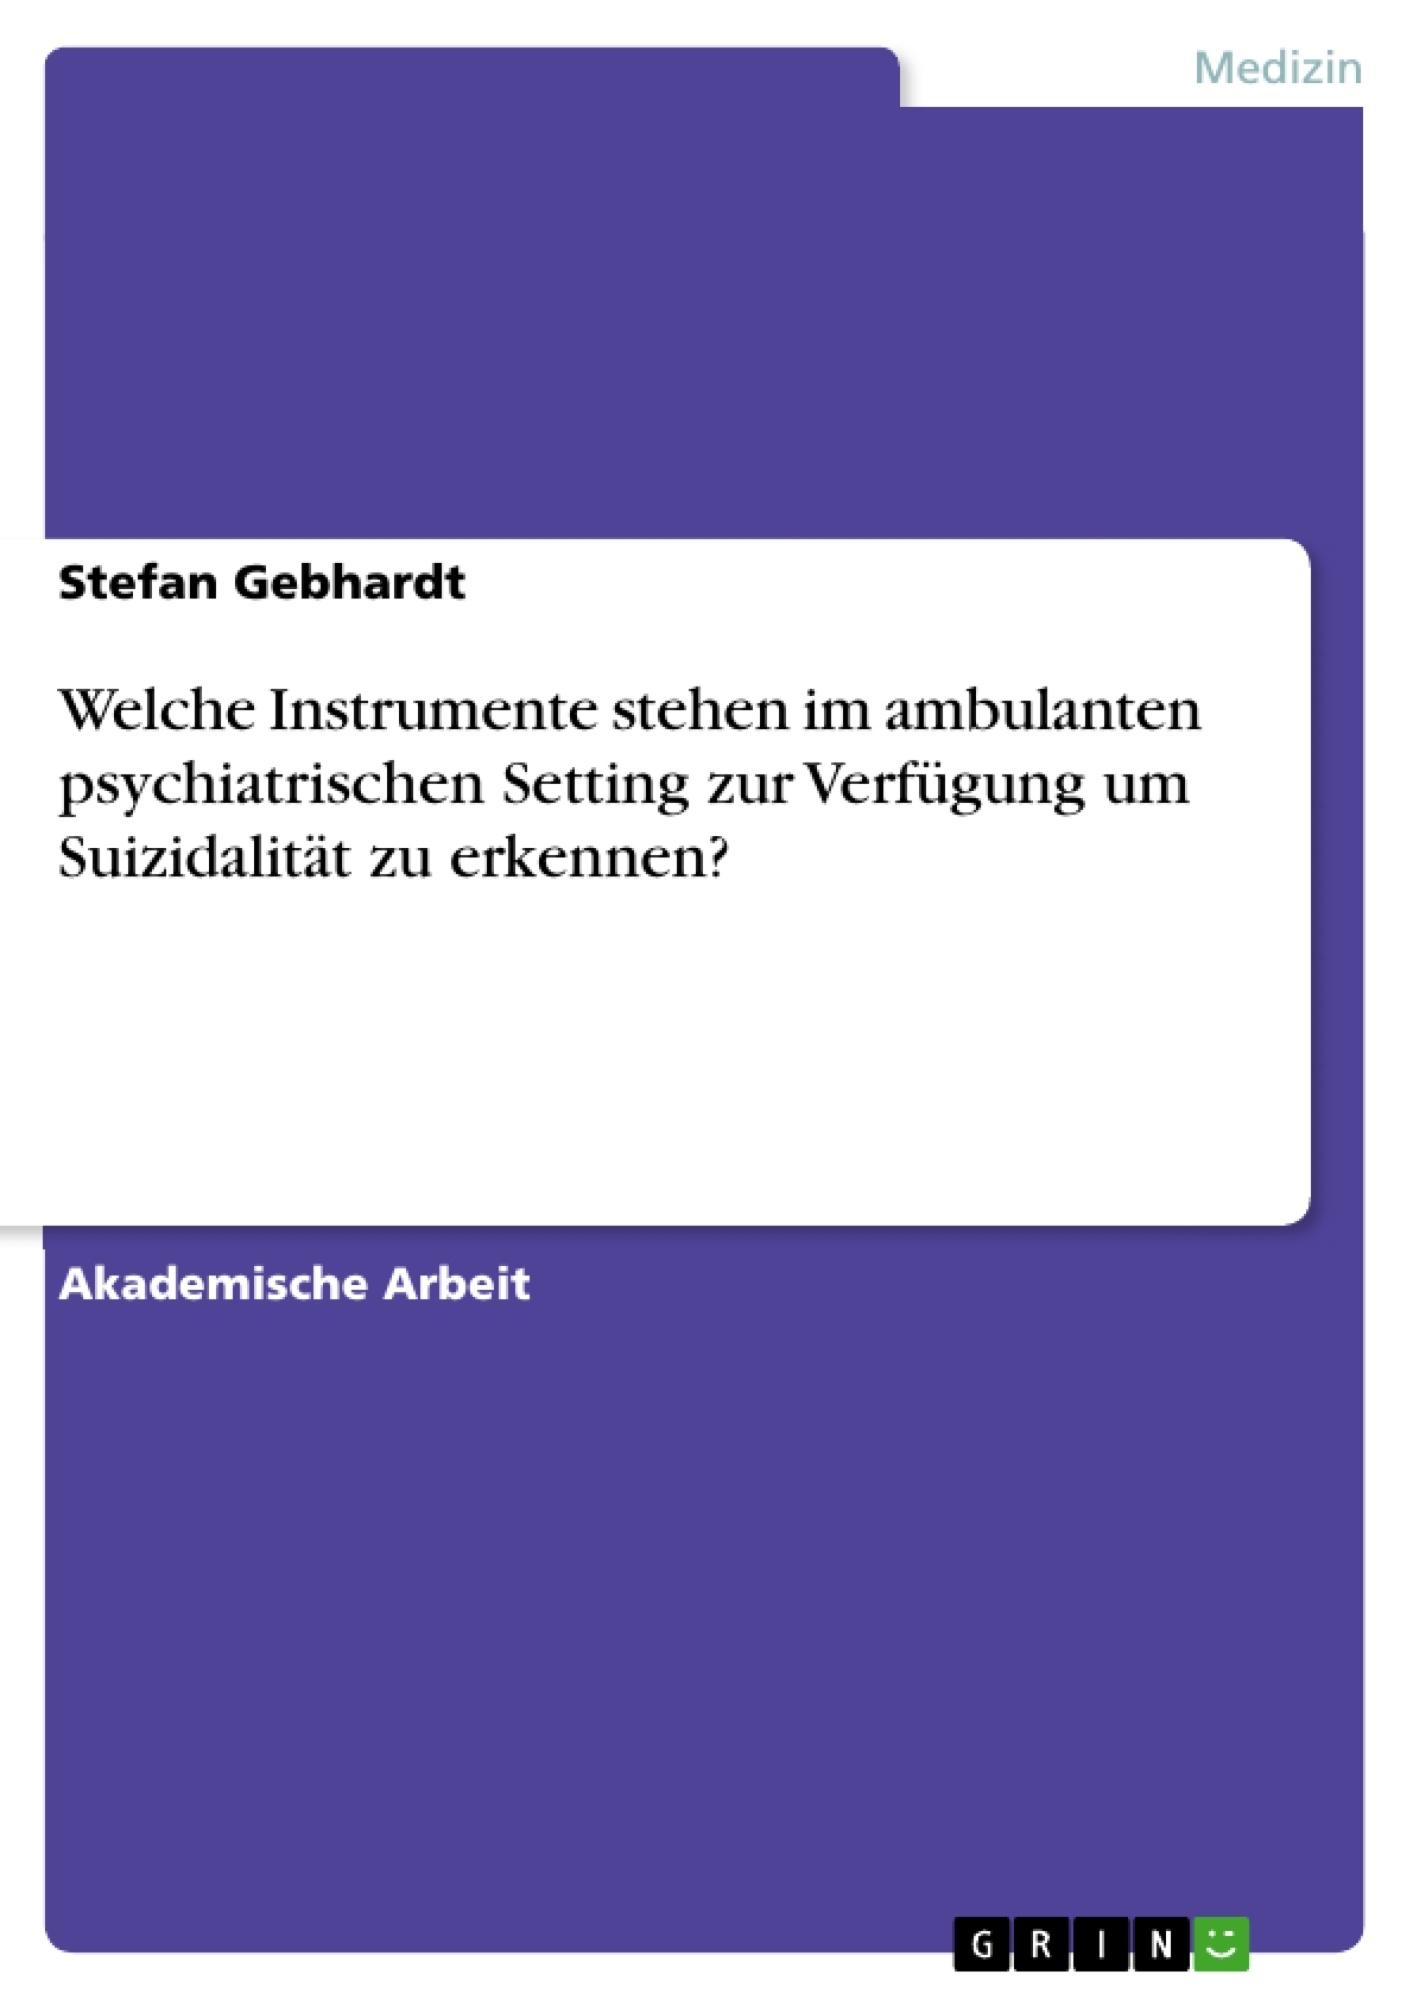 Titel: Welche Instrumente stehen im ambulanten psychiatrischen Setting zur Verfügung um Suizidalität zu erkennen?